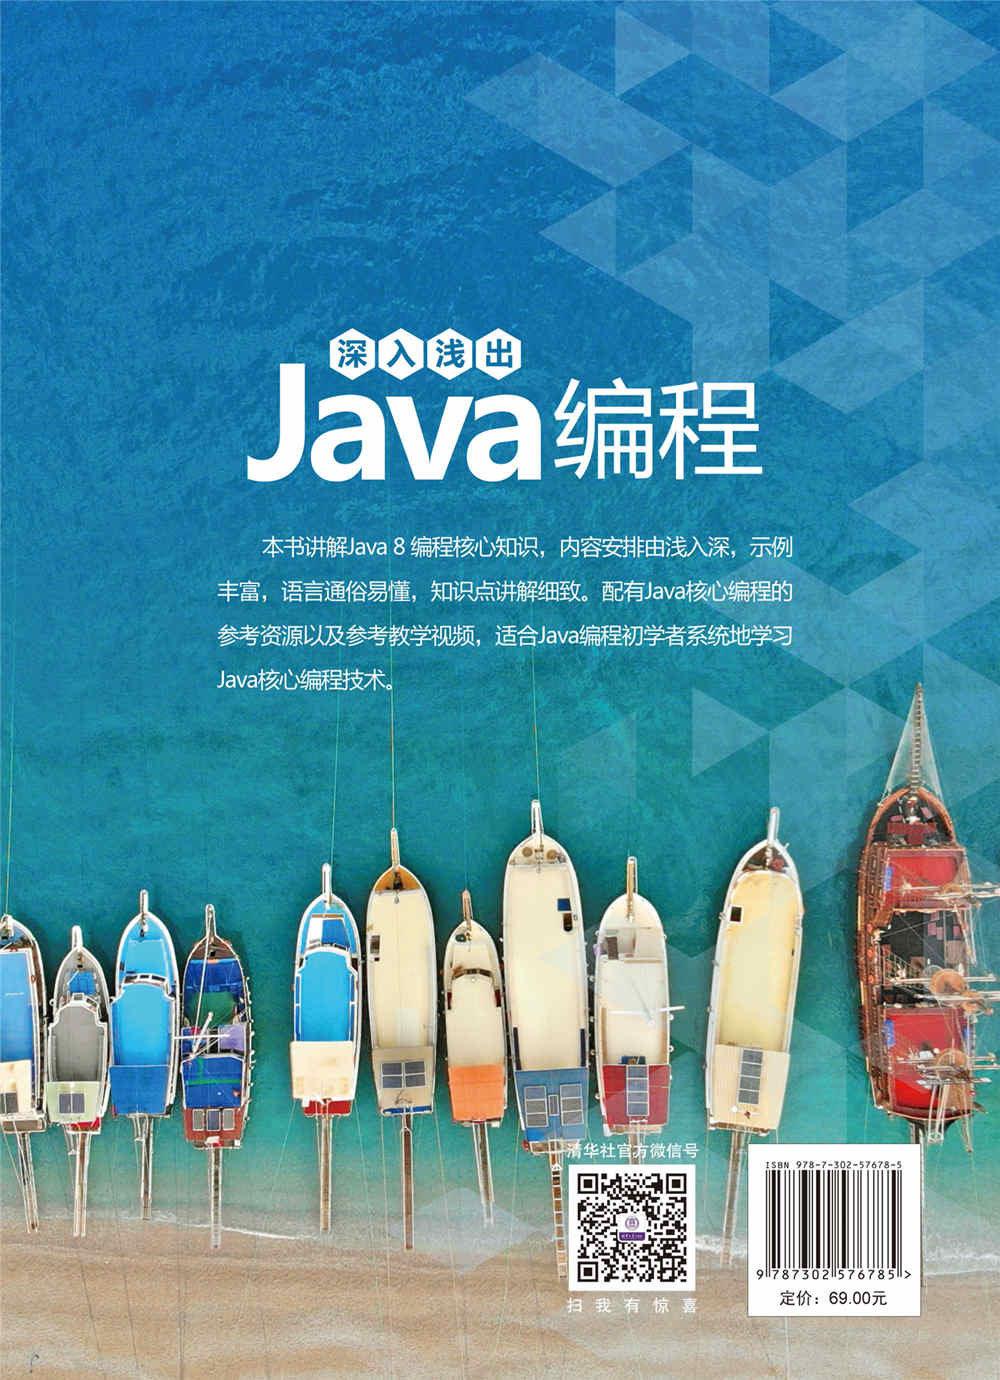 深入淺出Java編程-preview-2